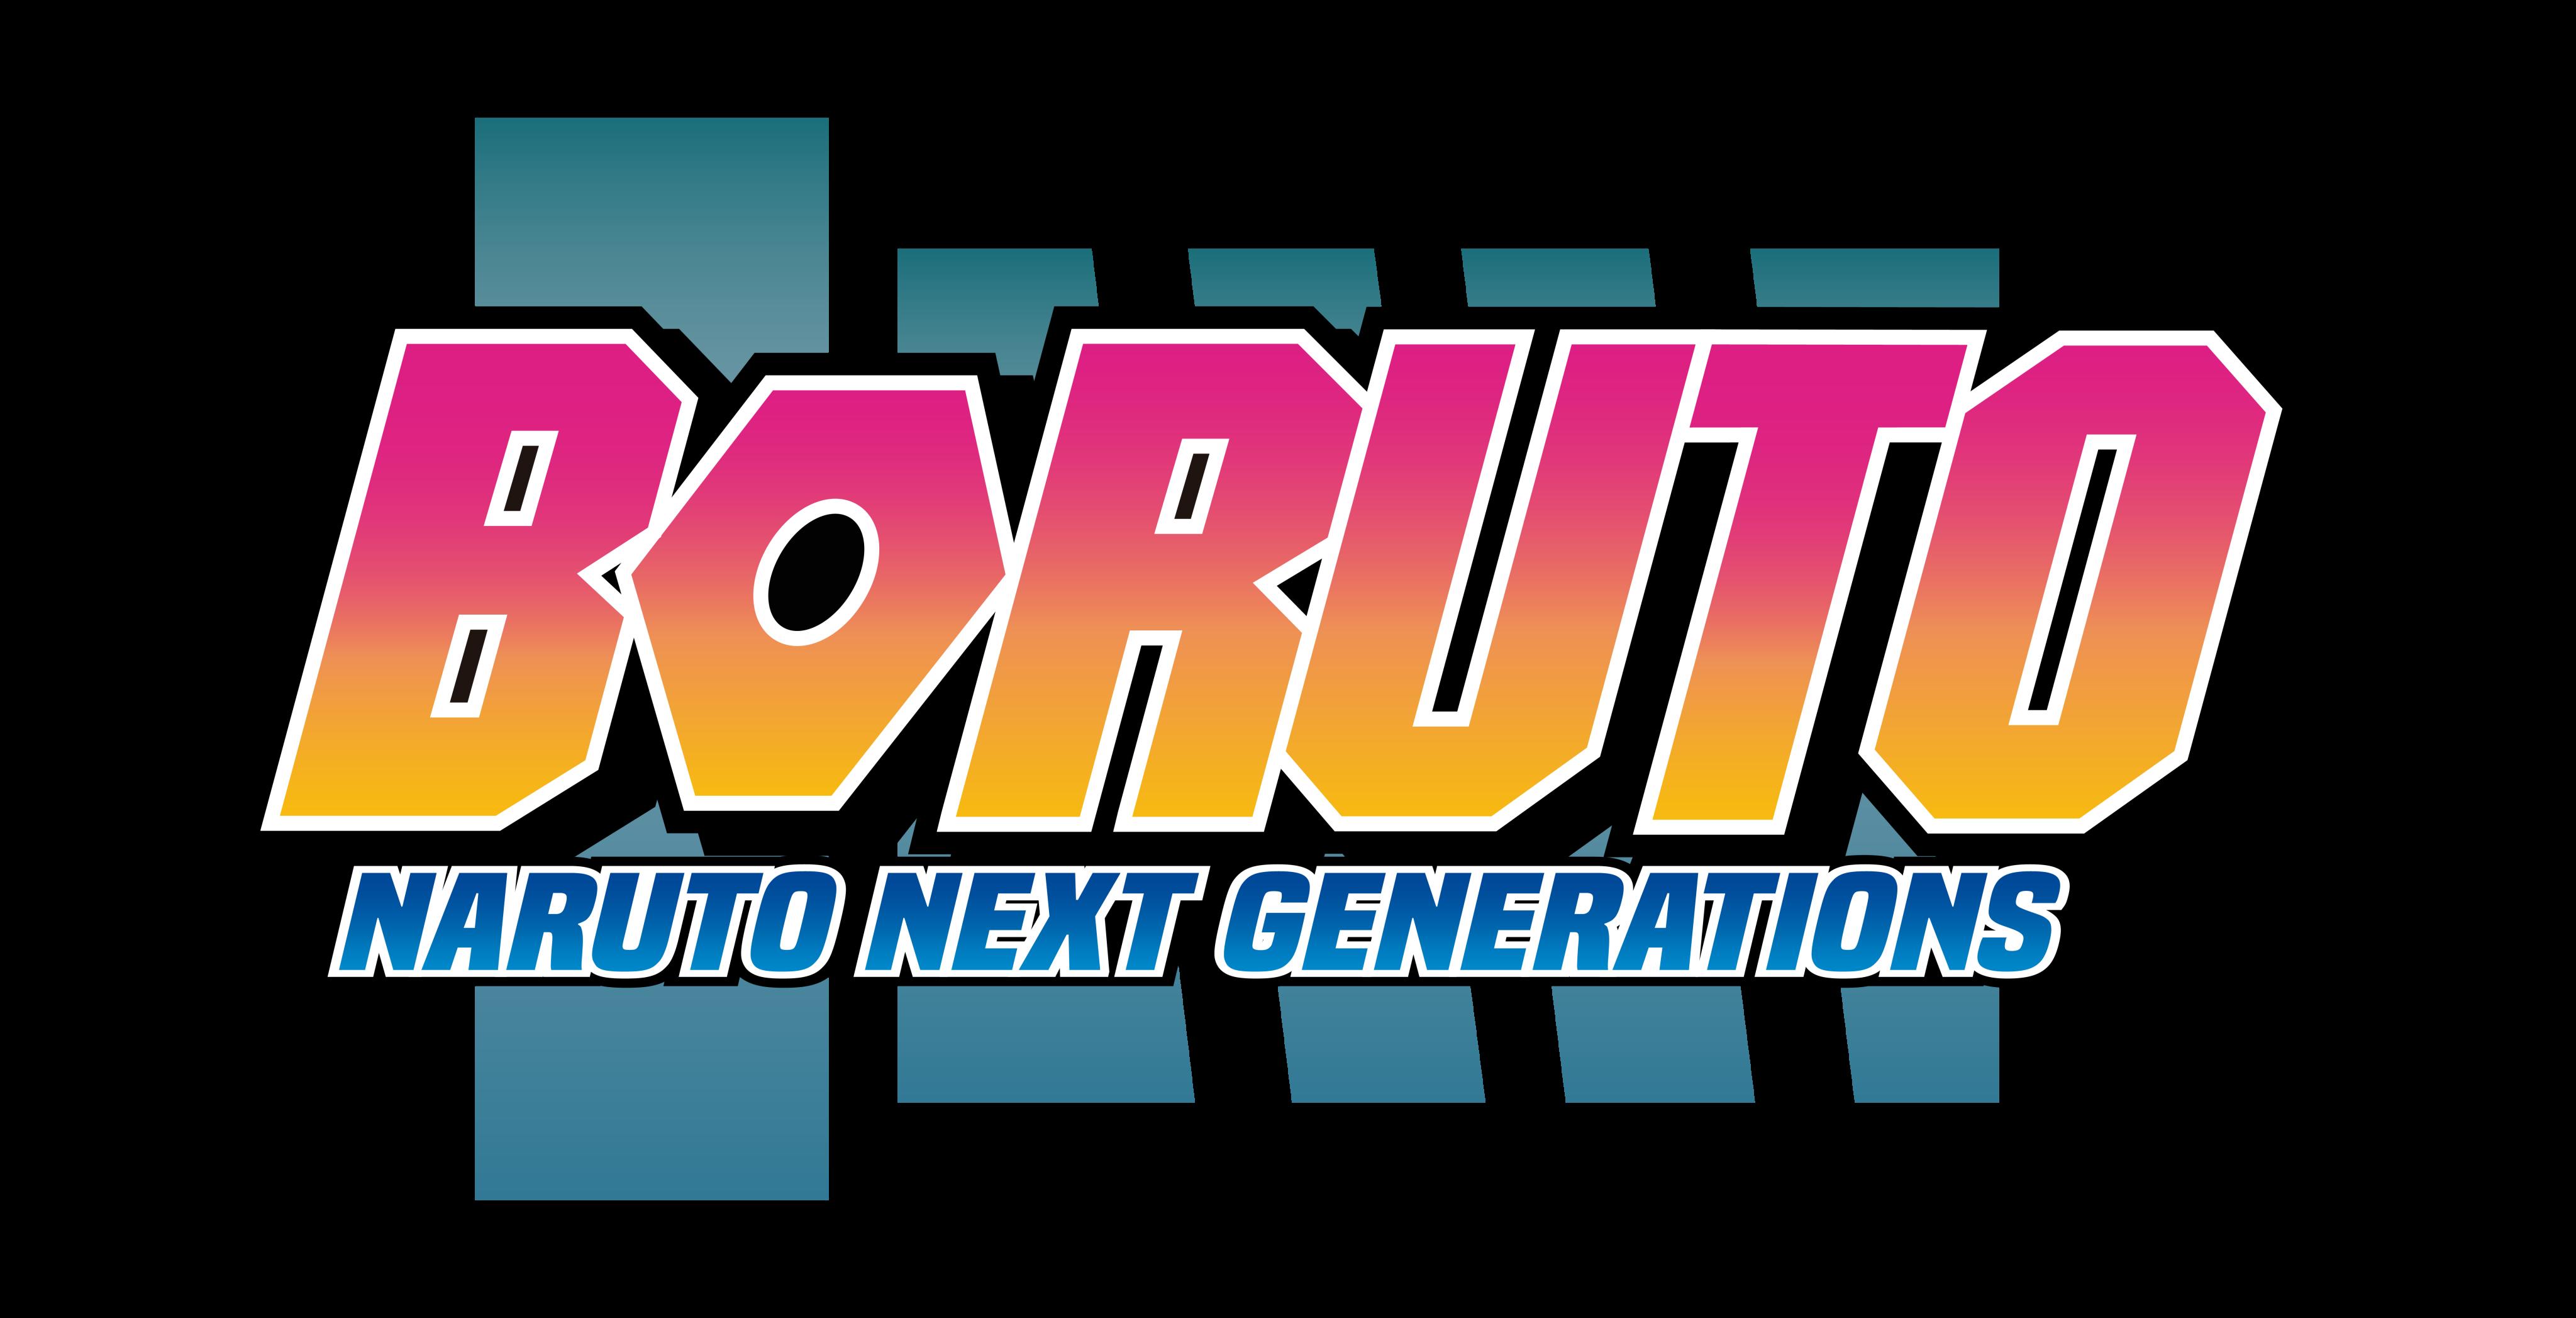 boruto logo 5 - Boruto Logo